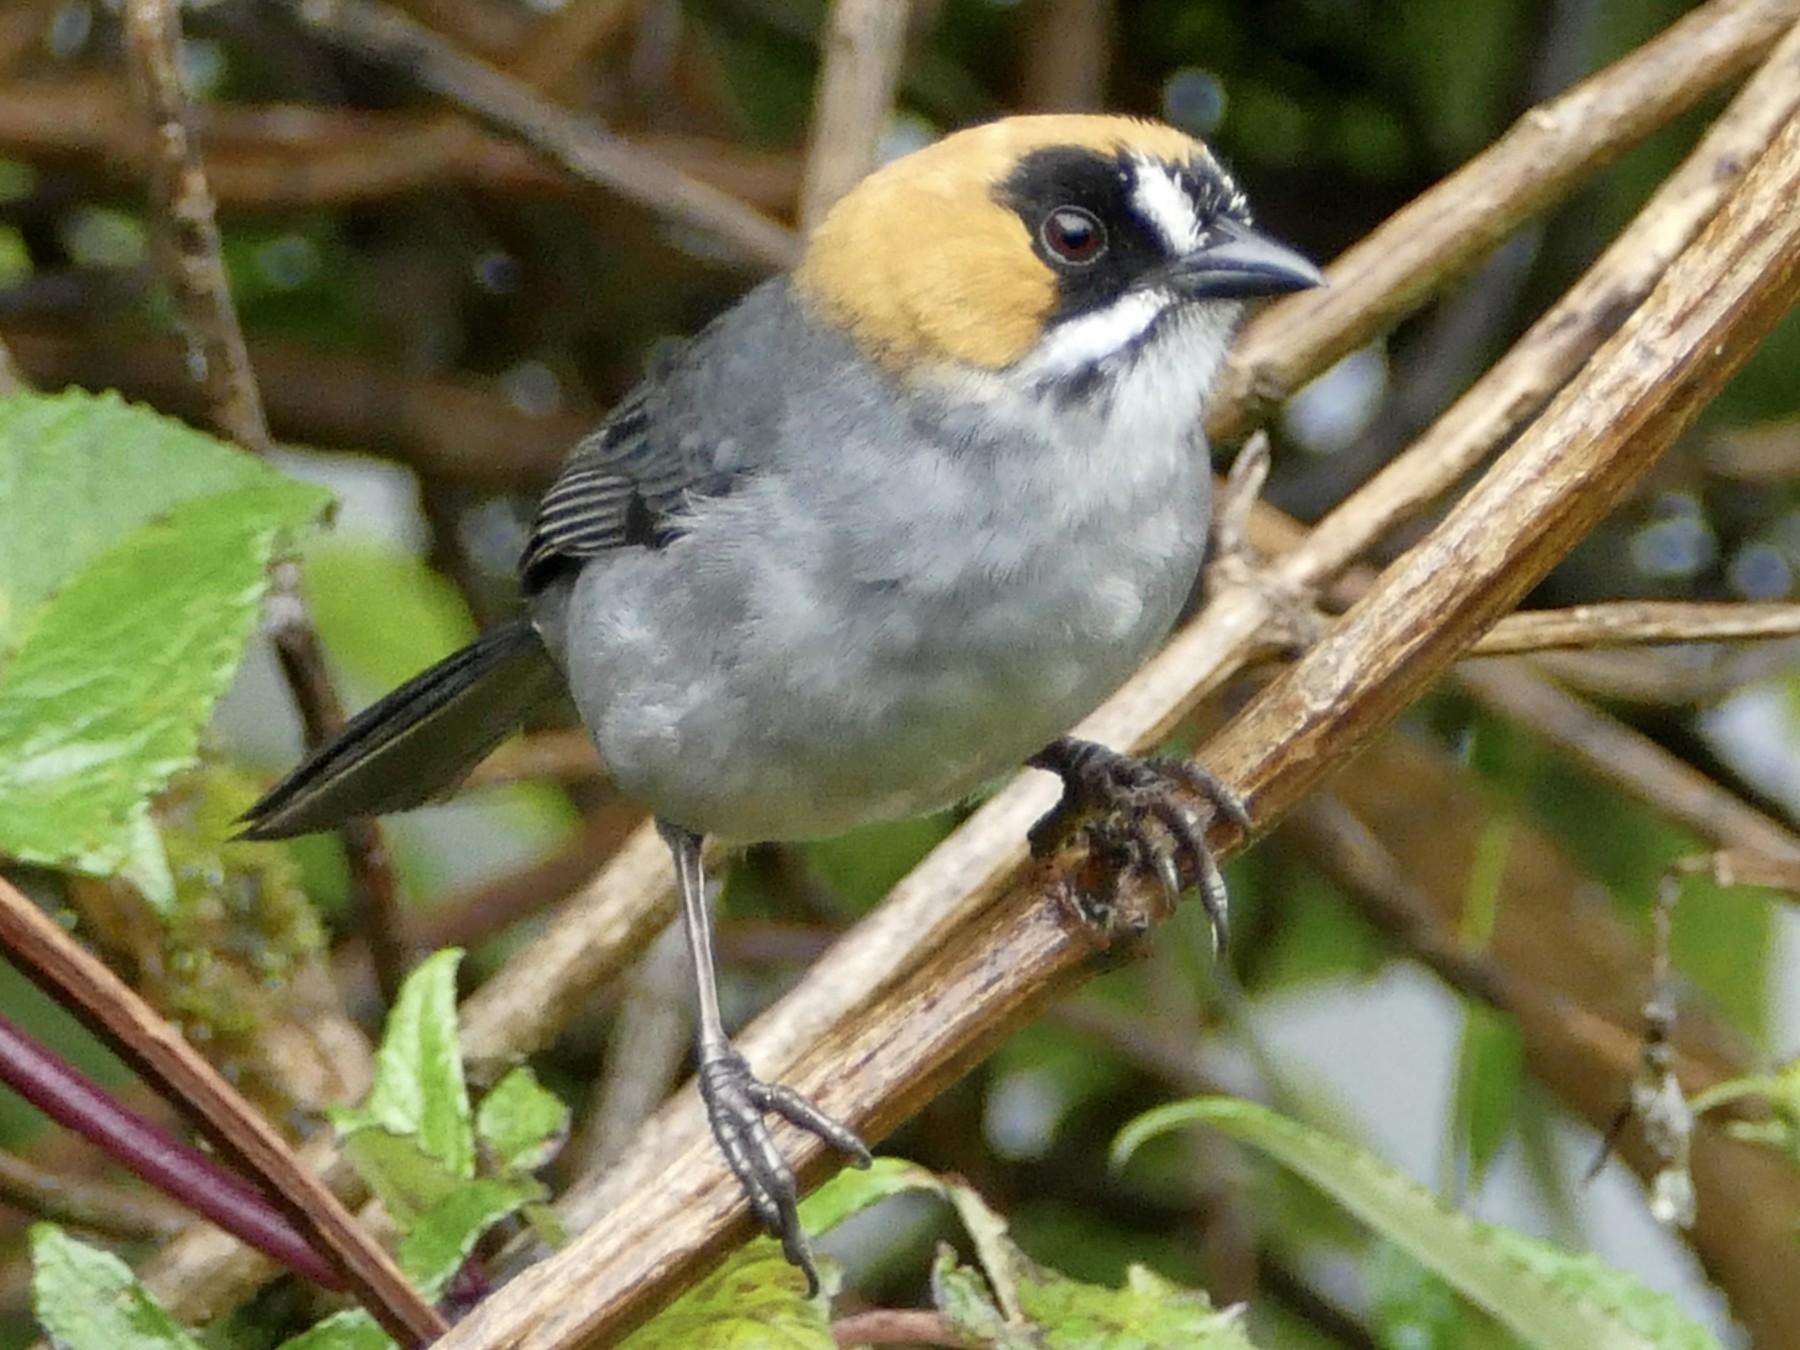 Black-spectacled Brushfinch - Peter Kaestner